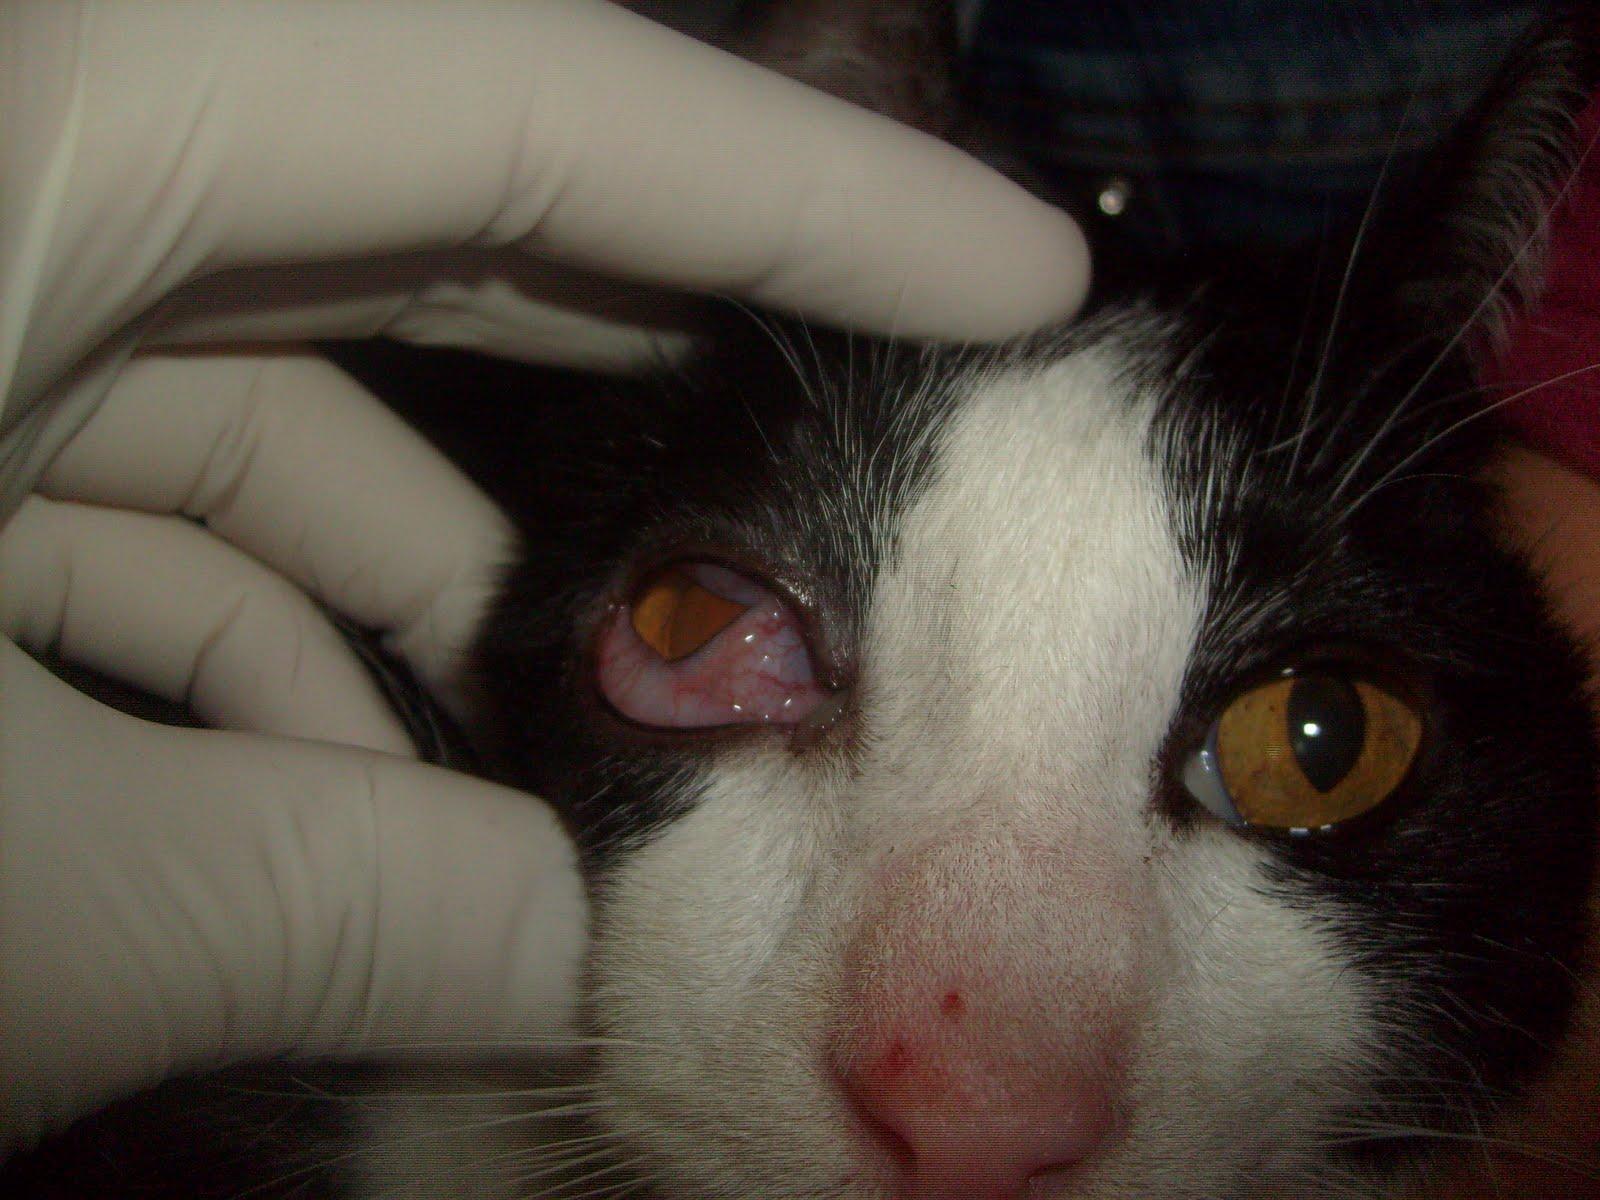 Meu Amigo Gato: GATOS: MANUAL DE INSTRUÇÕES #5F4639 1600x1200 Banheiro Adequado Do Gato